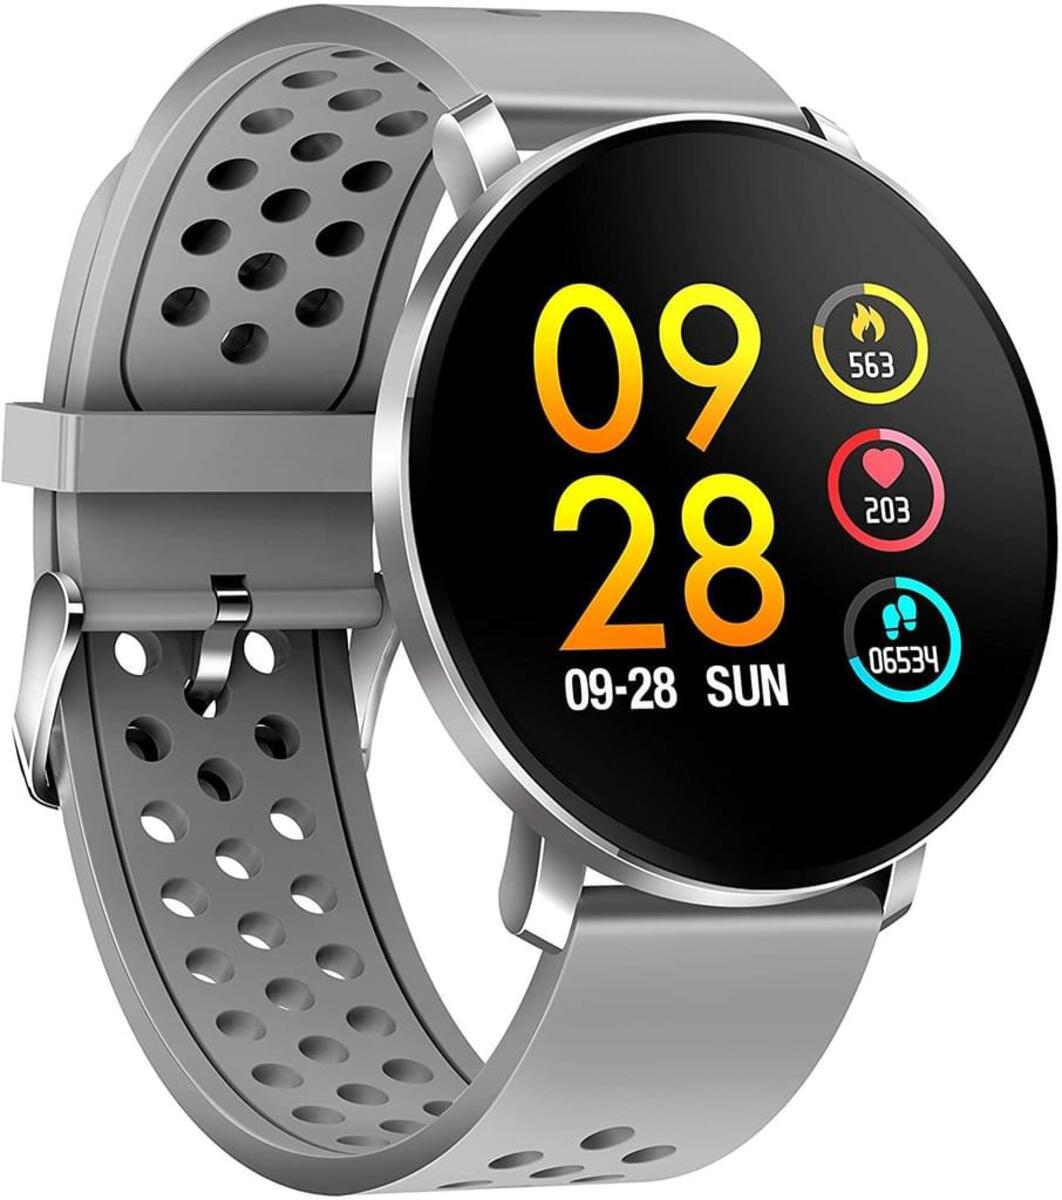 Bild 2 von Denver Smartwatch SW-171, Bluetooth, Touchscreen, Farbe: Grau